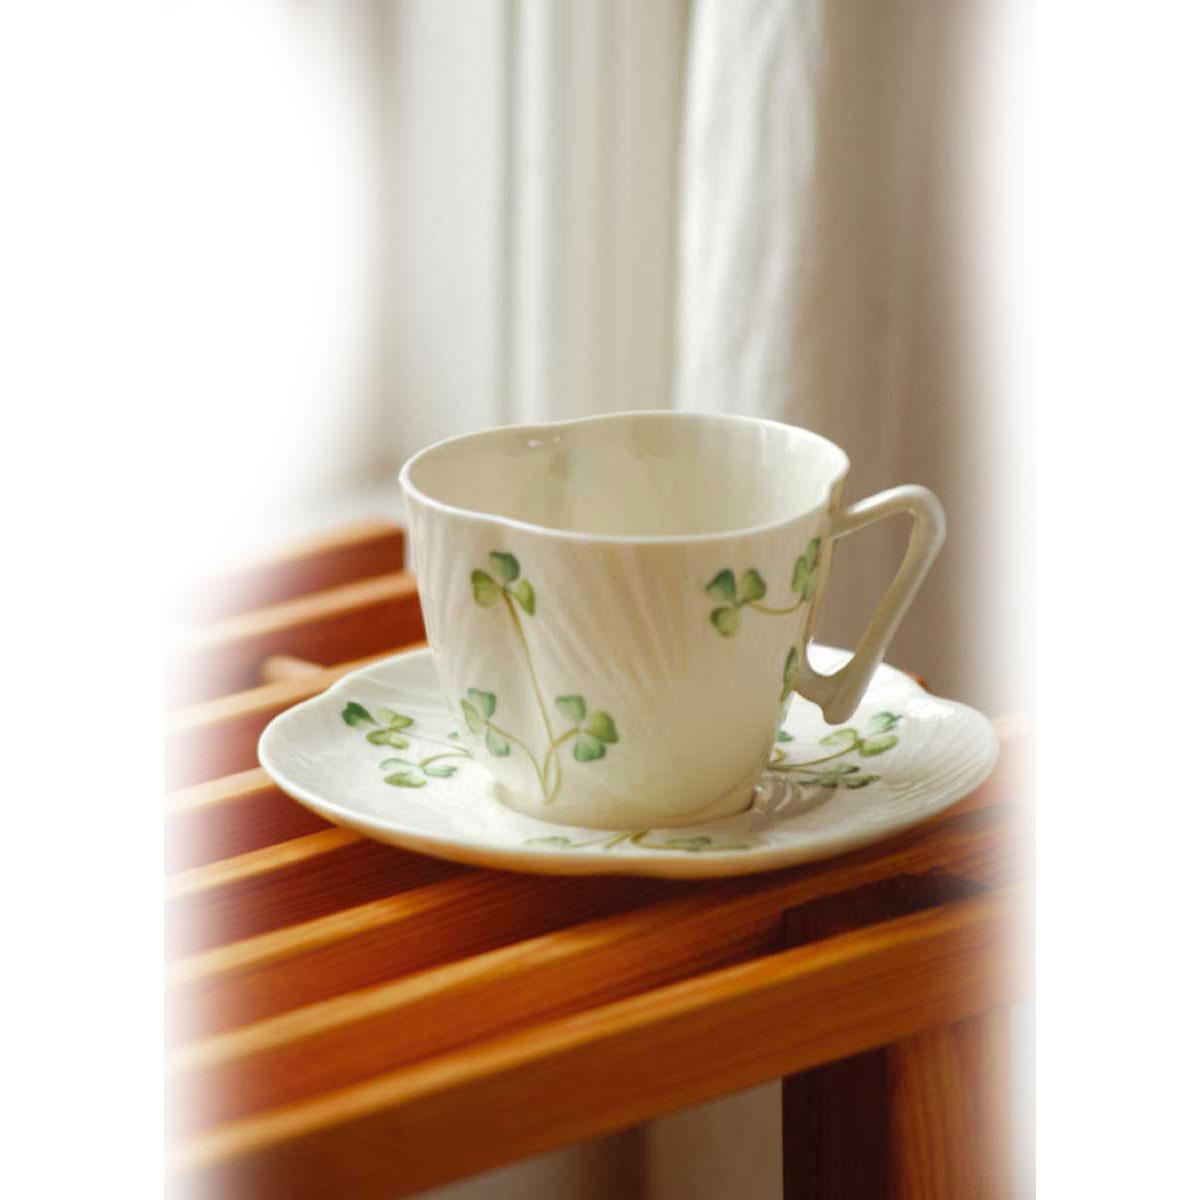 Belleek China Harp Shamrock Teacup and Saucer